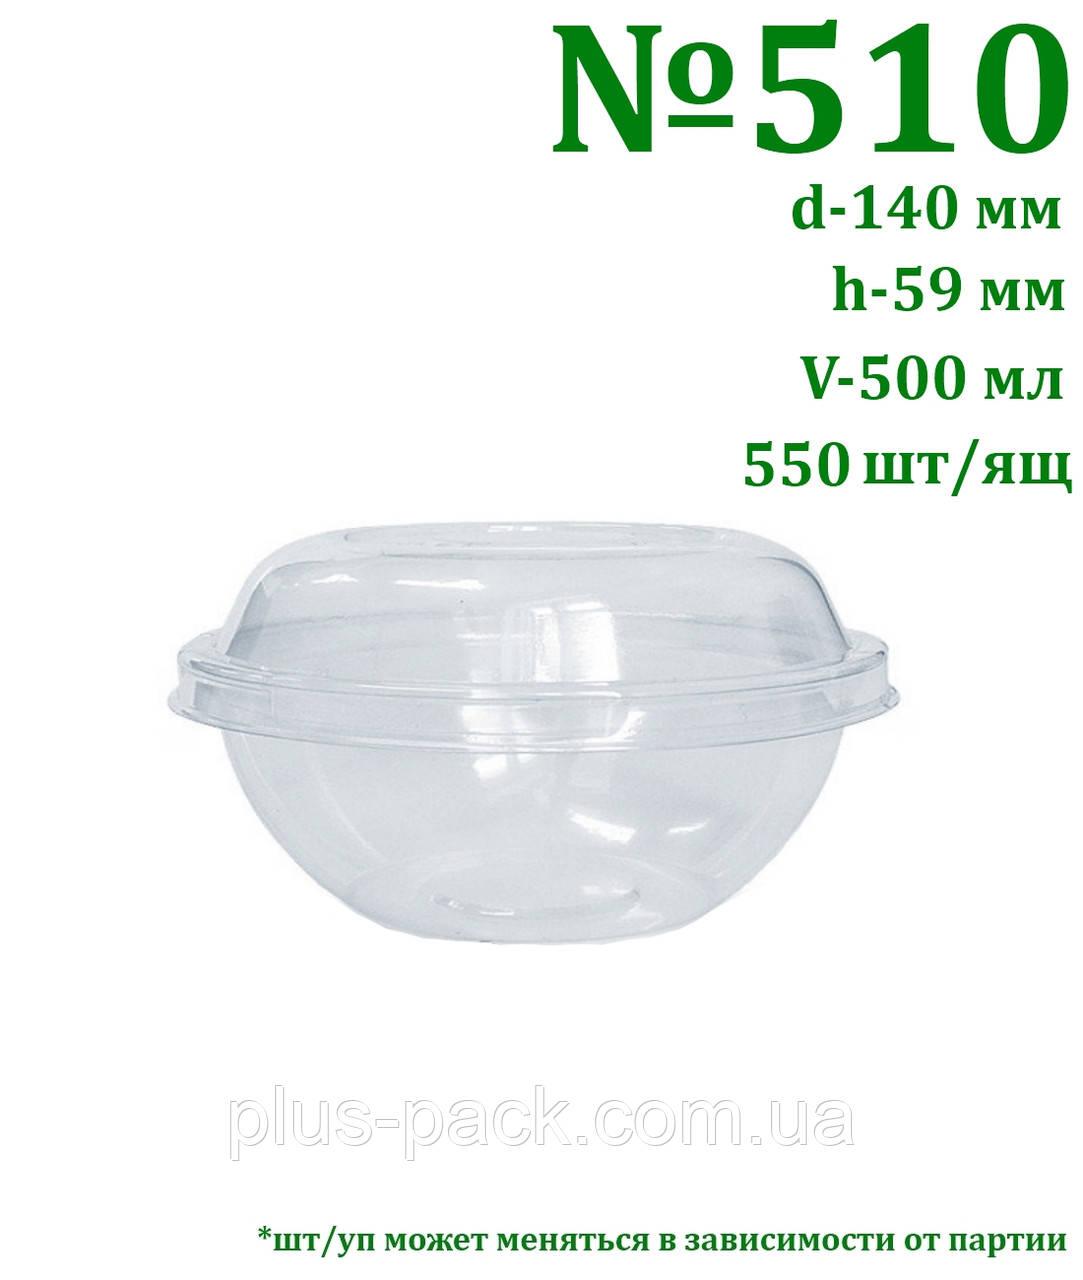 Універсальна Упаковка Одноразова V=500 мл